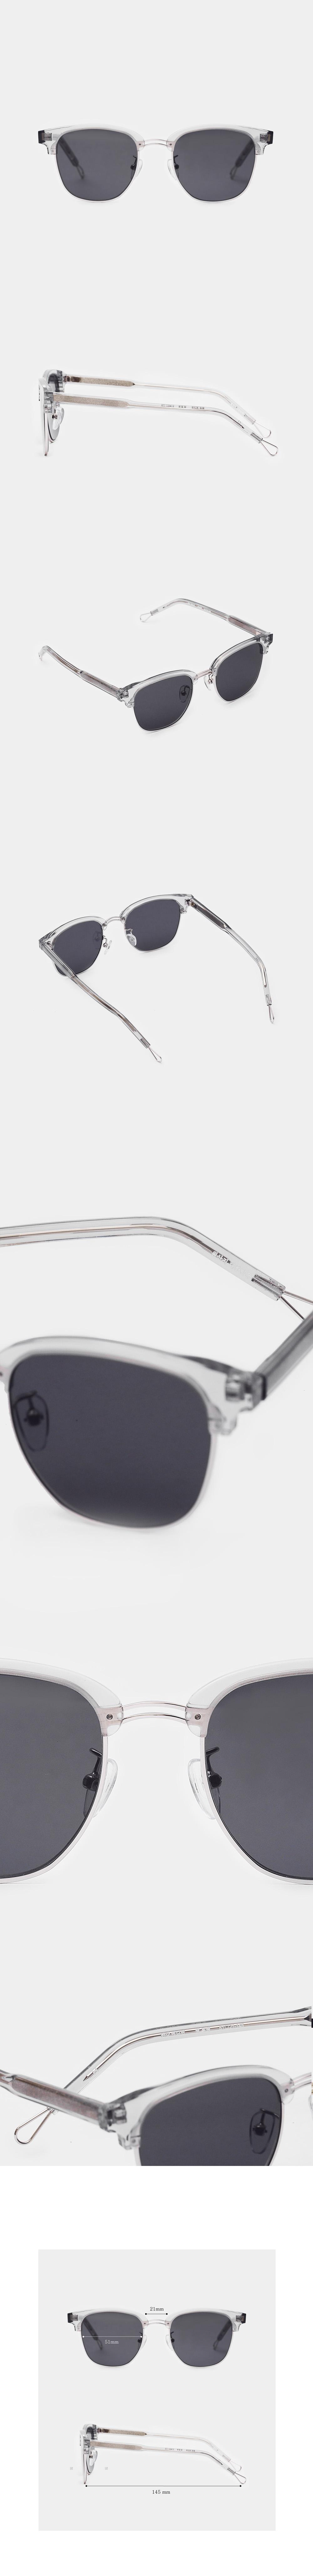 한글안경(HANGLE EYEWEAR) 한강 선글라스 회색